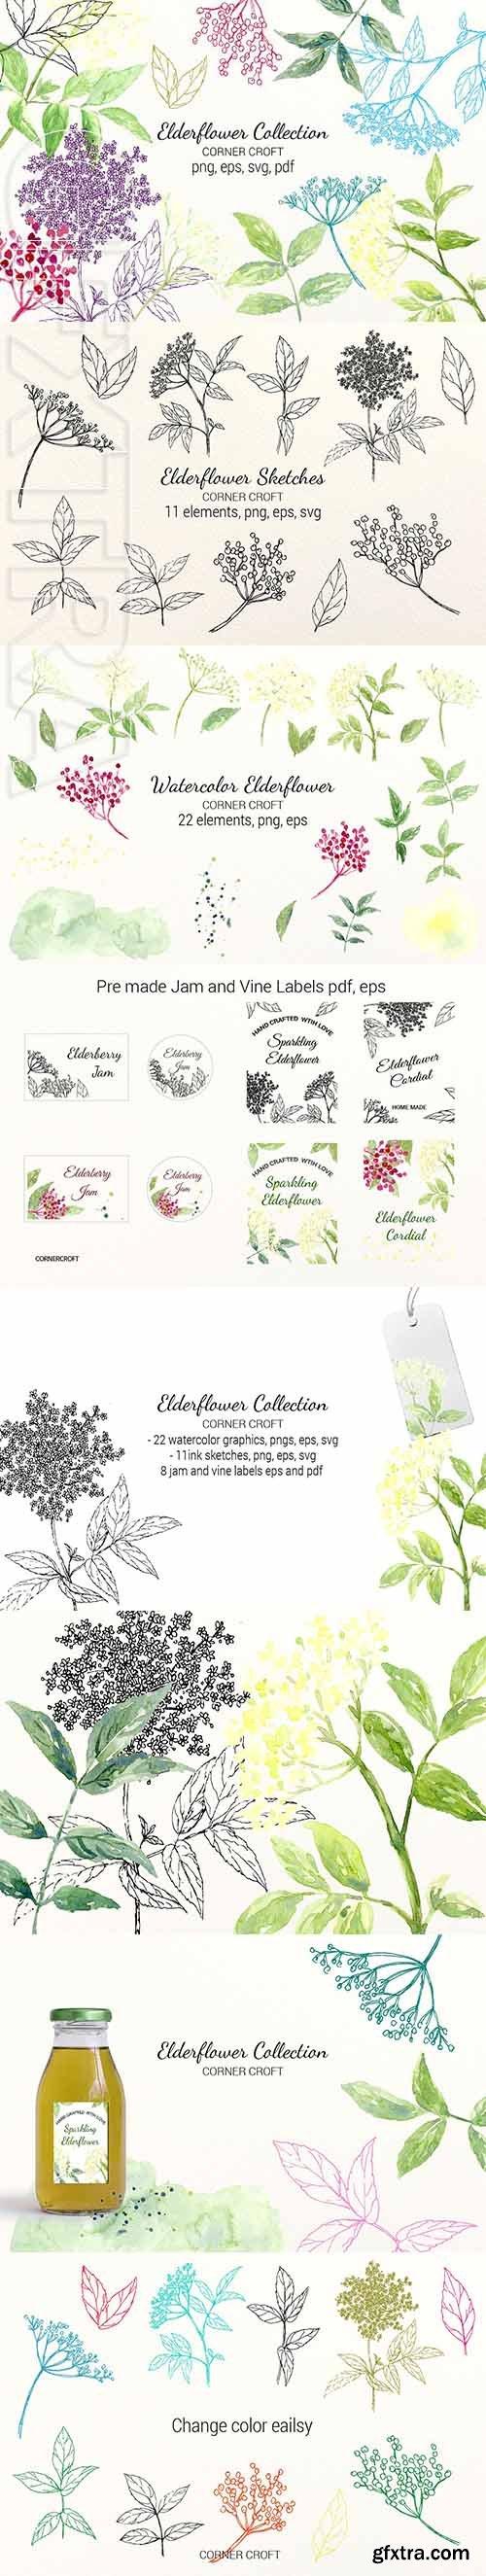 Elderflower Collection